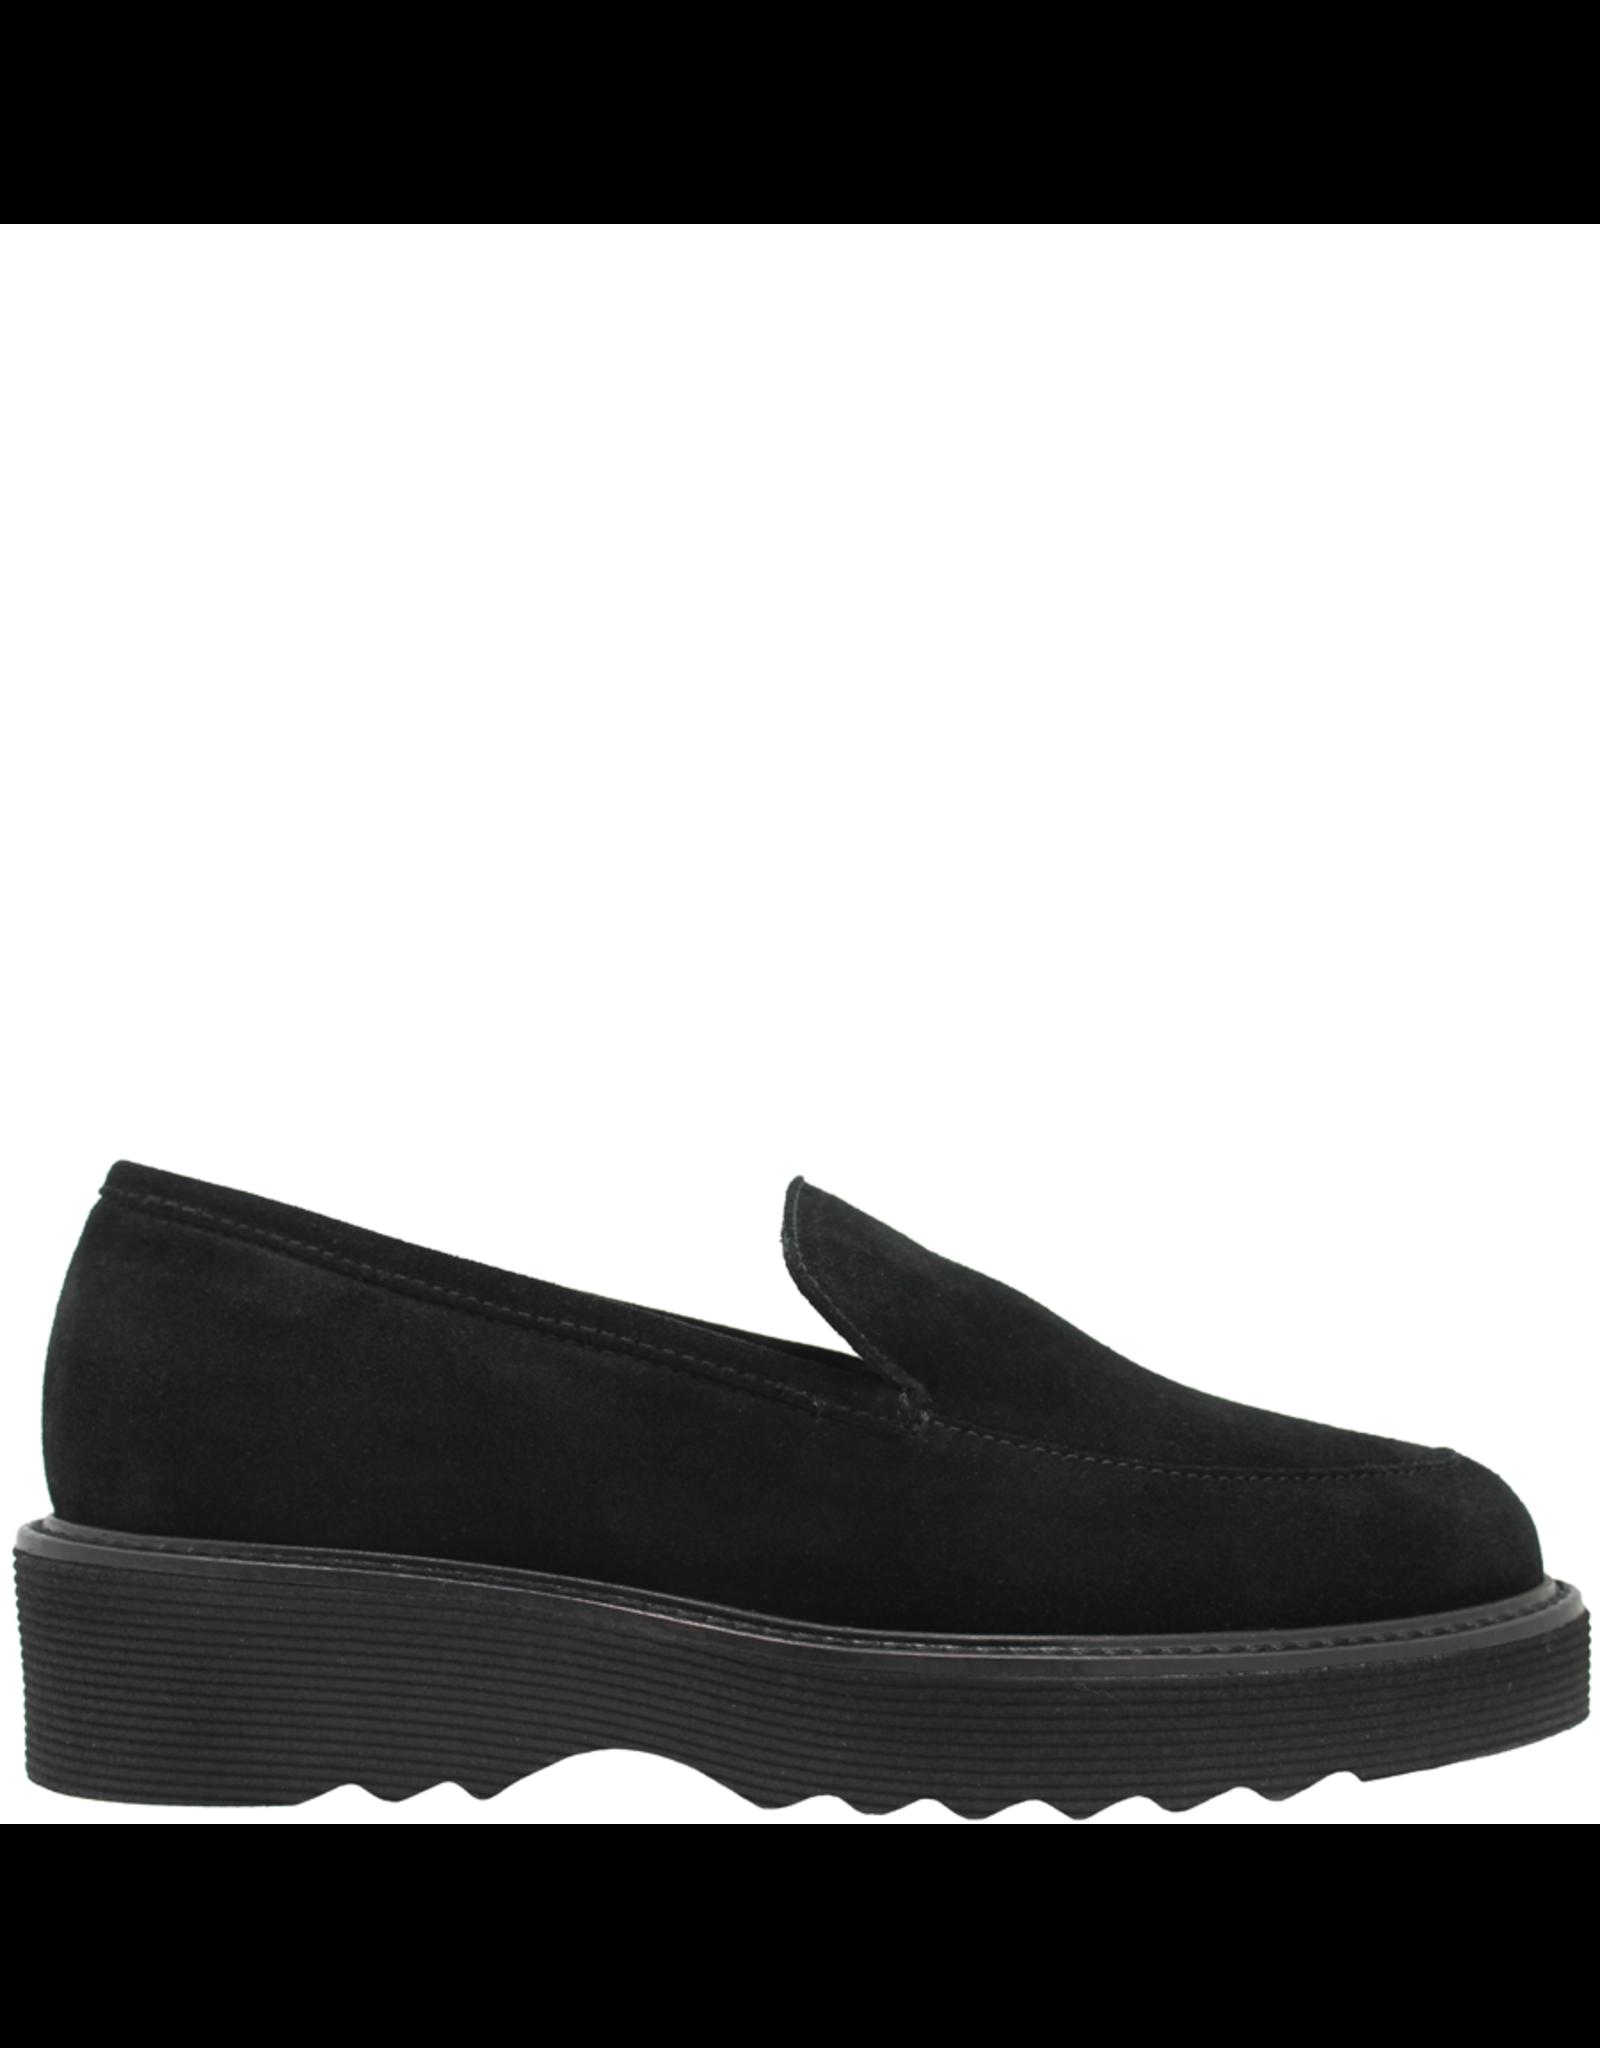 Aquatalia Black Suede Waterproof Loafer Kelsey